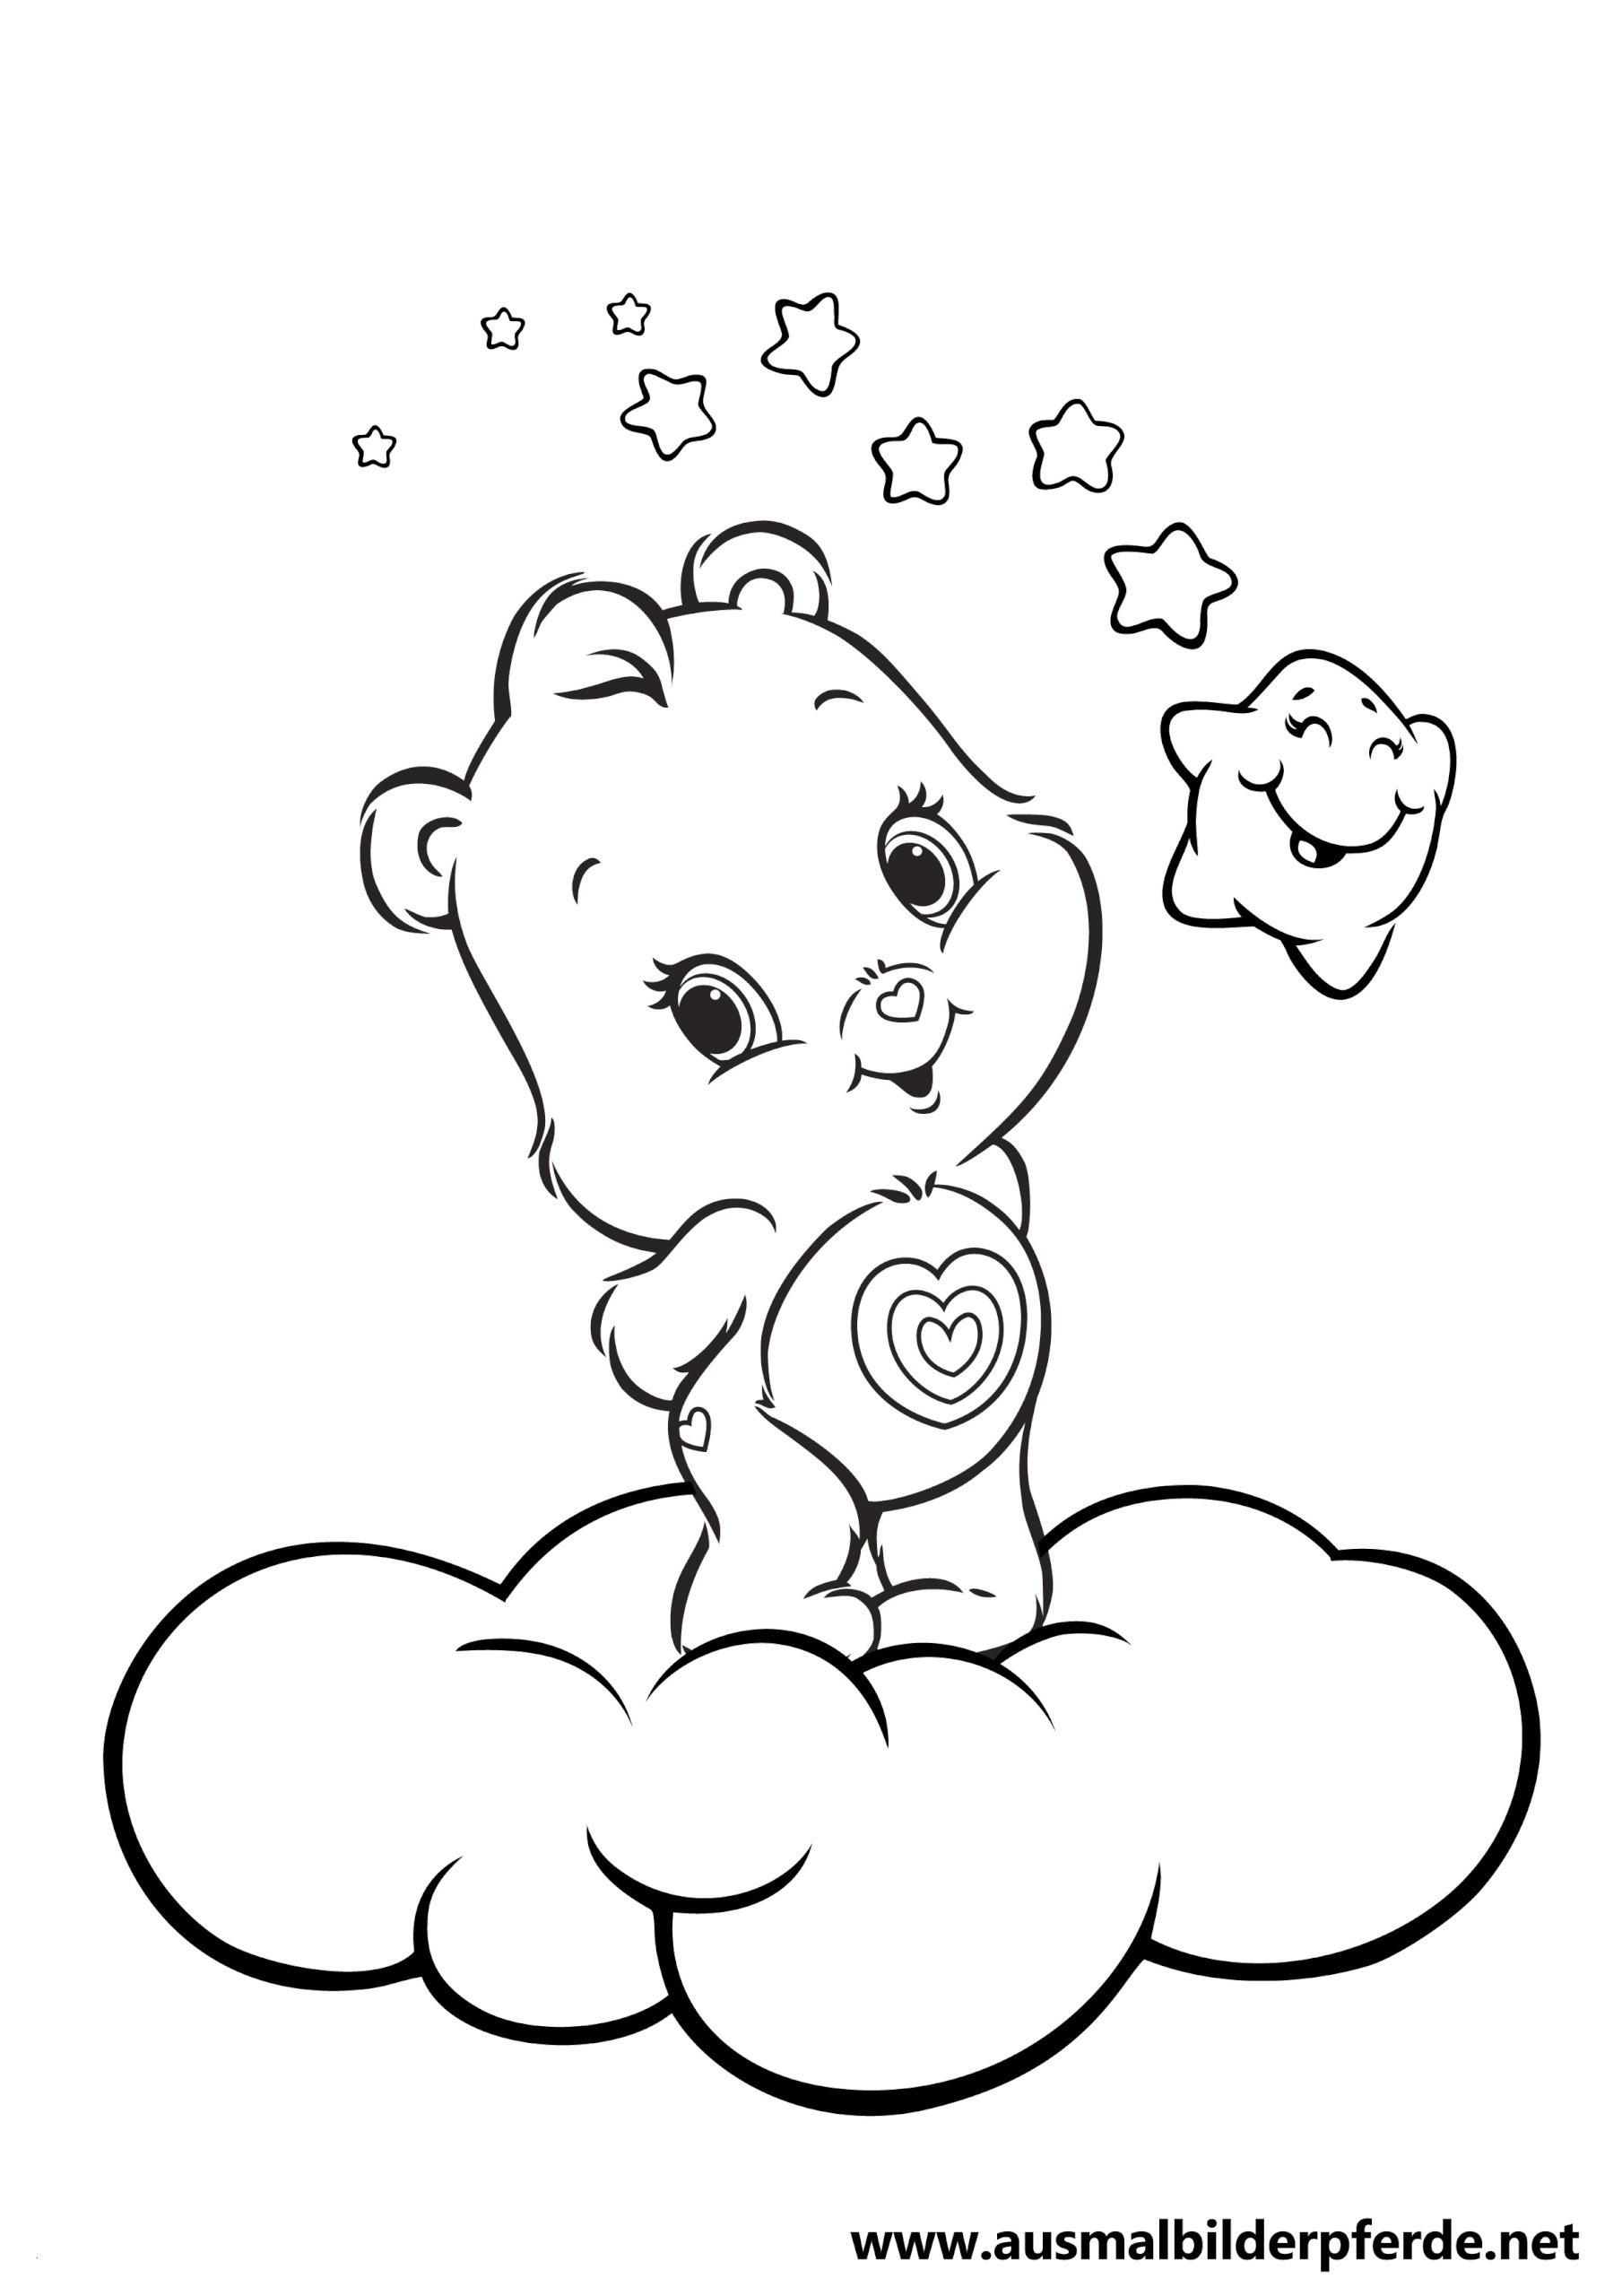 Ausmalbilder Winnie Pooh Und Seine Freunde Malvorlagen Genial 37 Ausmalbilder Winnie Puuh Scoredatscore Einzigartig Ausmalbilder Bilder